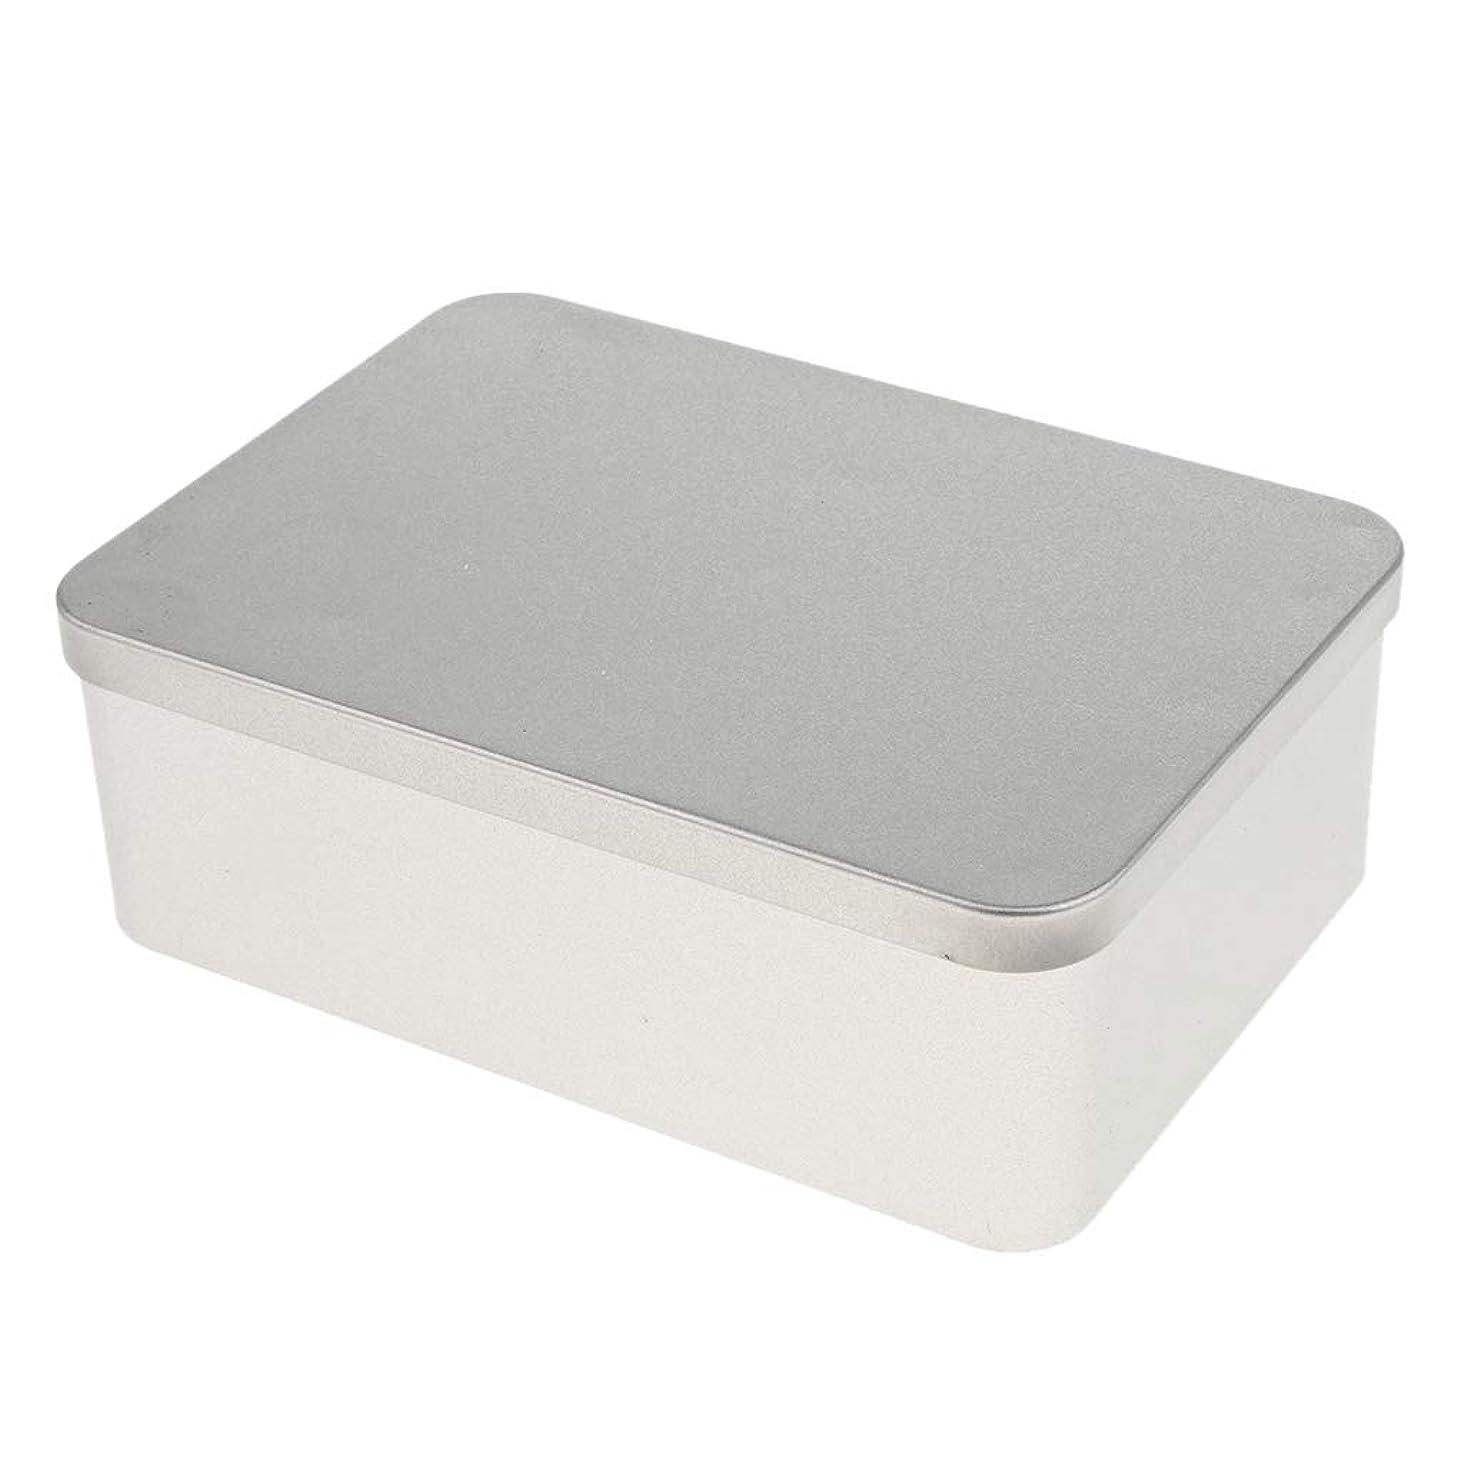 郵便物赤道いらいらさせるperfk 空缶 長方形 収納容器 高品質 小物入り 2サイズ選べ - 16 x 11 x 5.4 cm